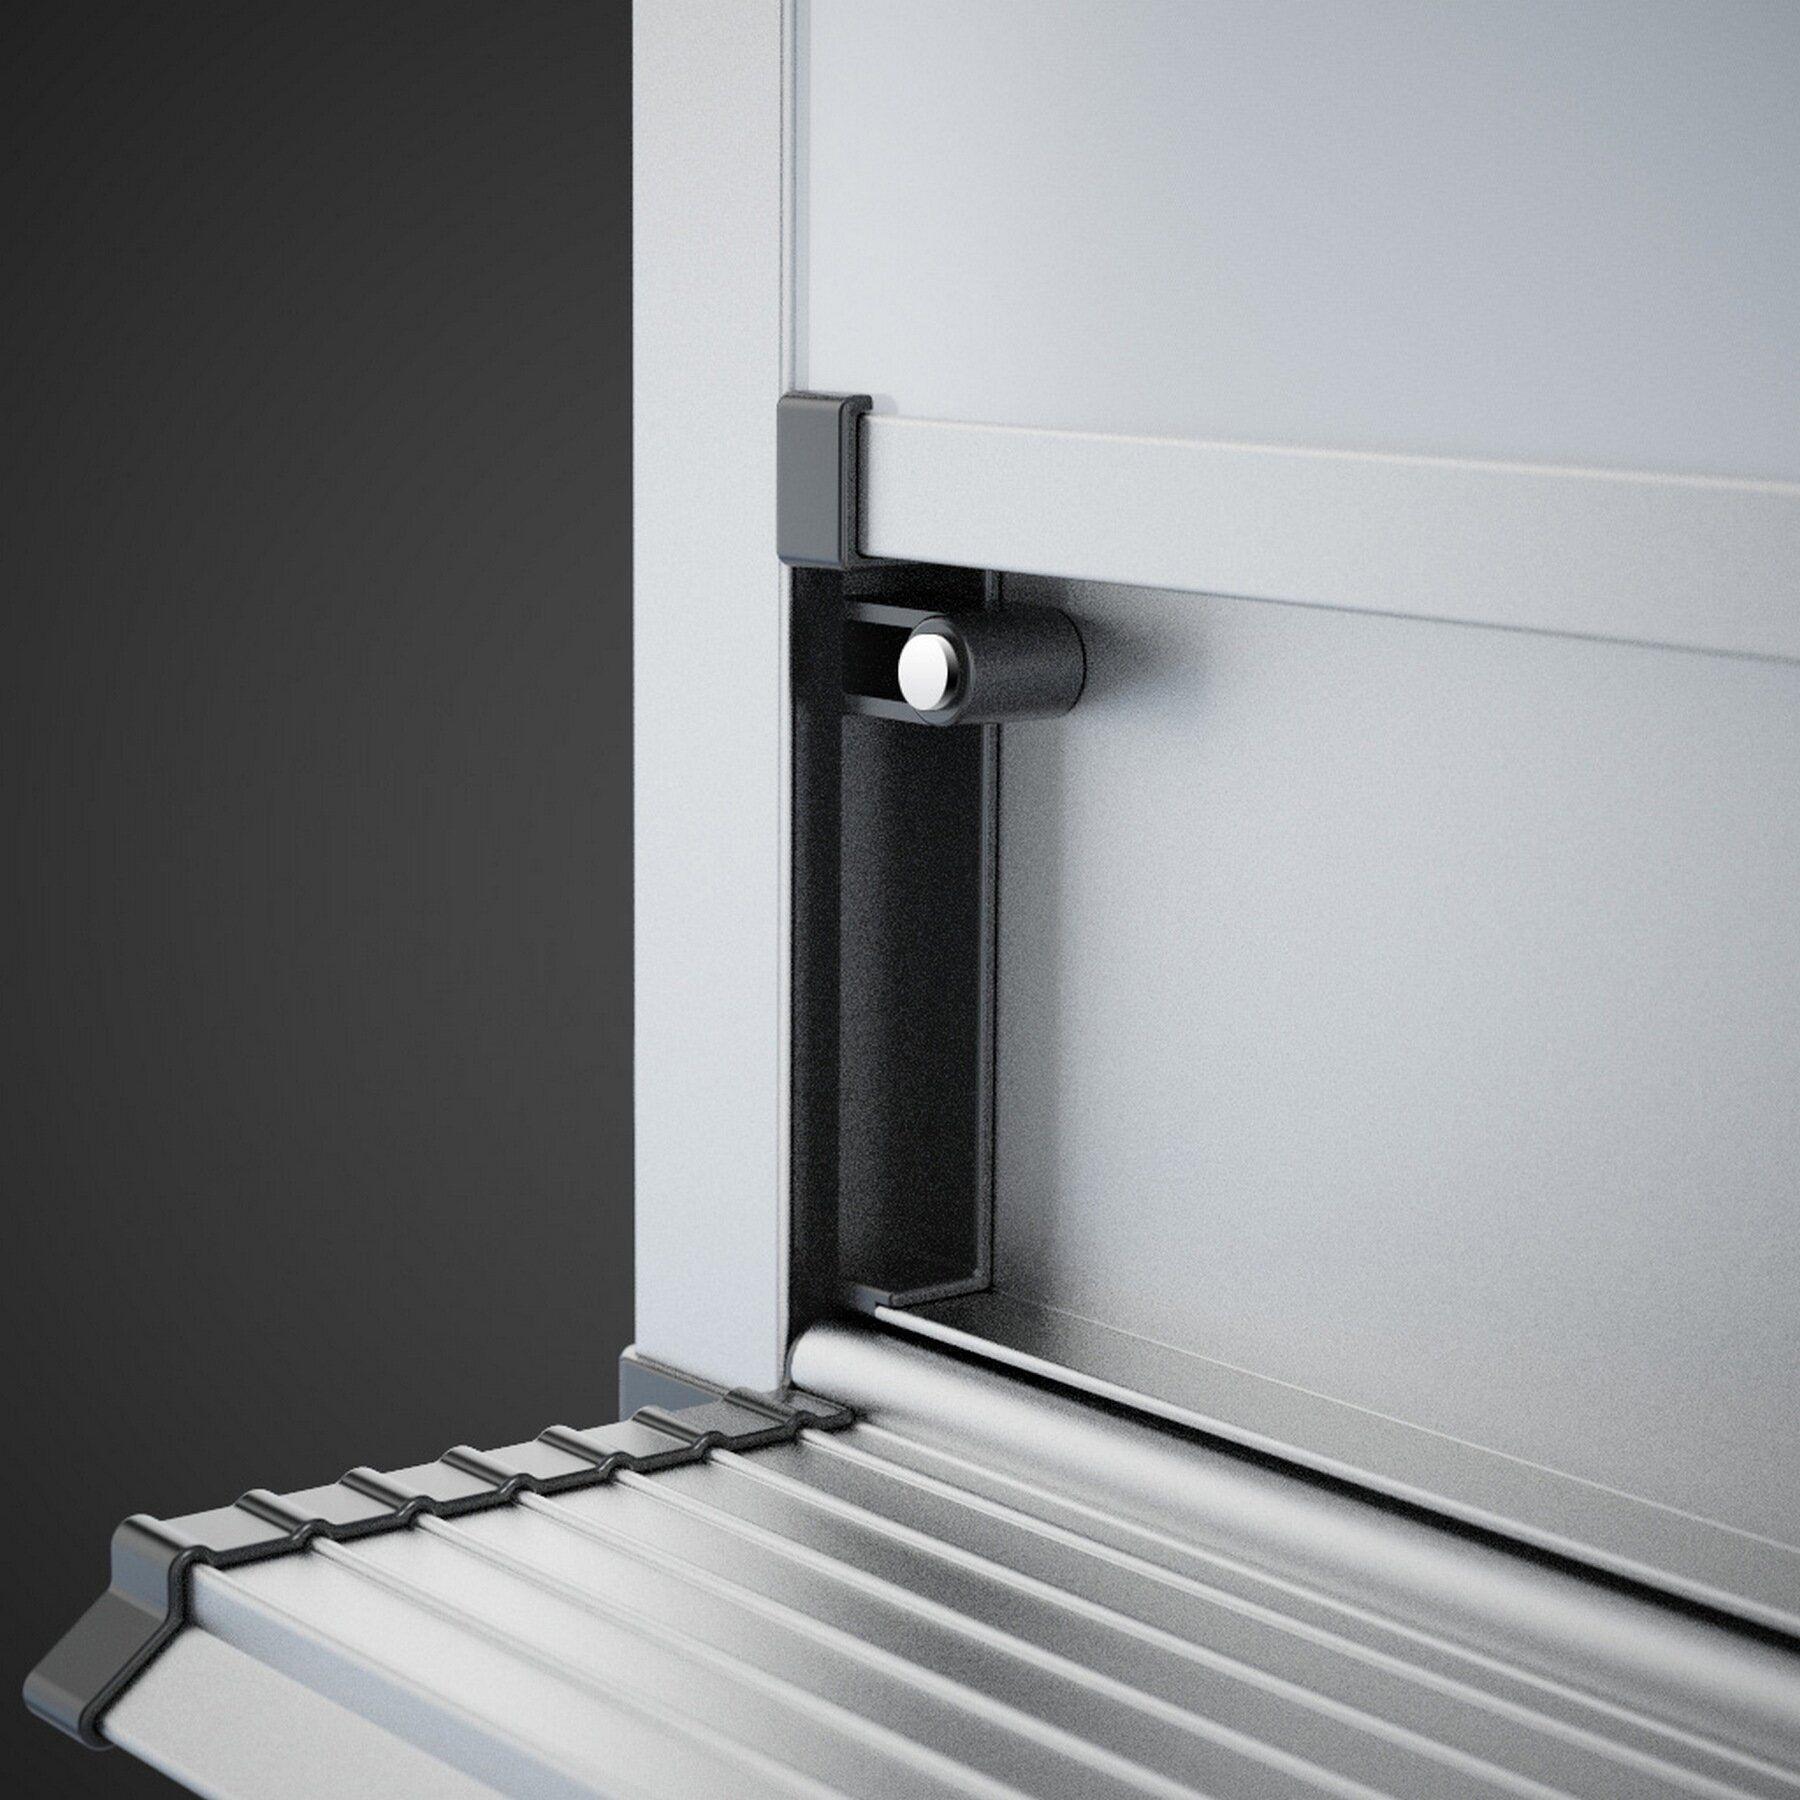 Доска белая магнитная сухостираемая StarBoard 90*120см., алюминиевая рамка, лак 2x3 - фото 4